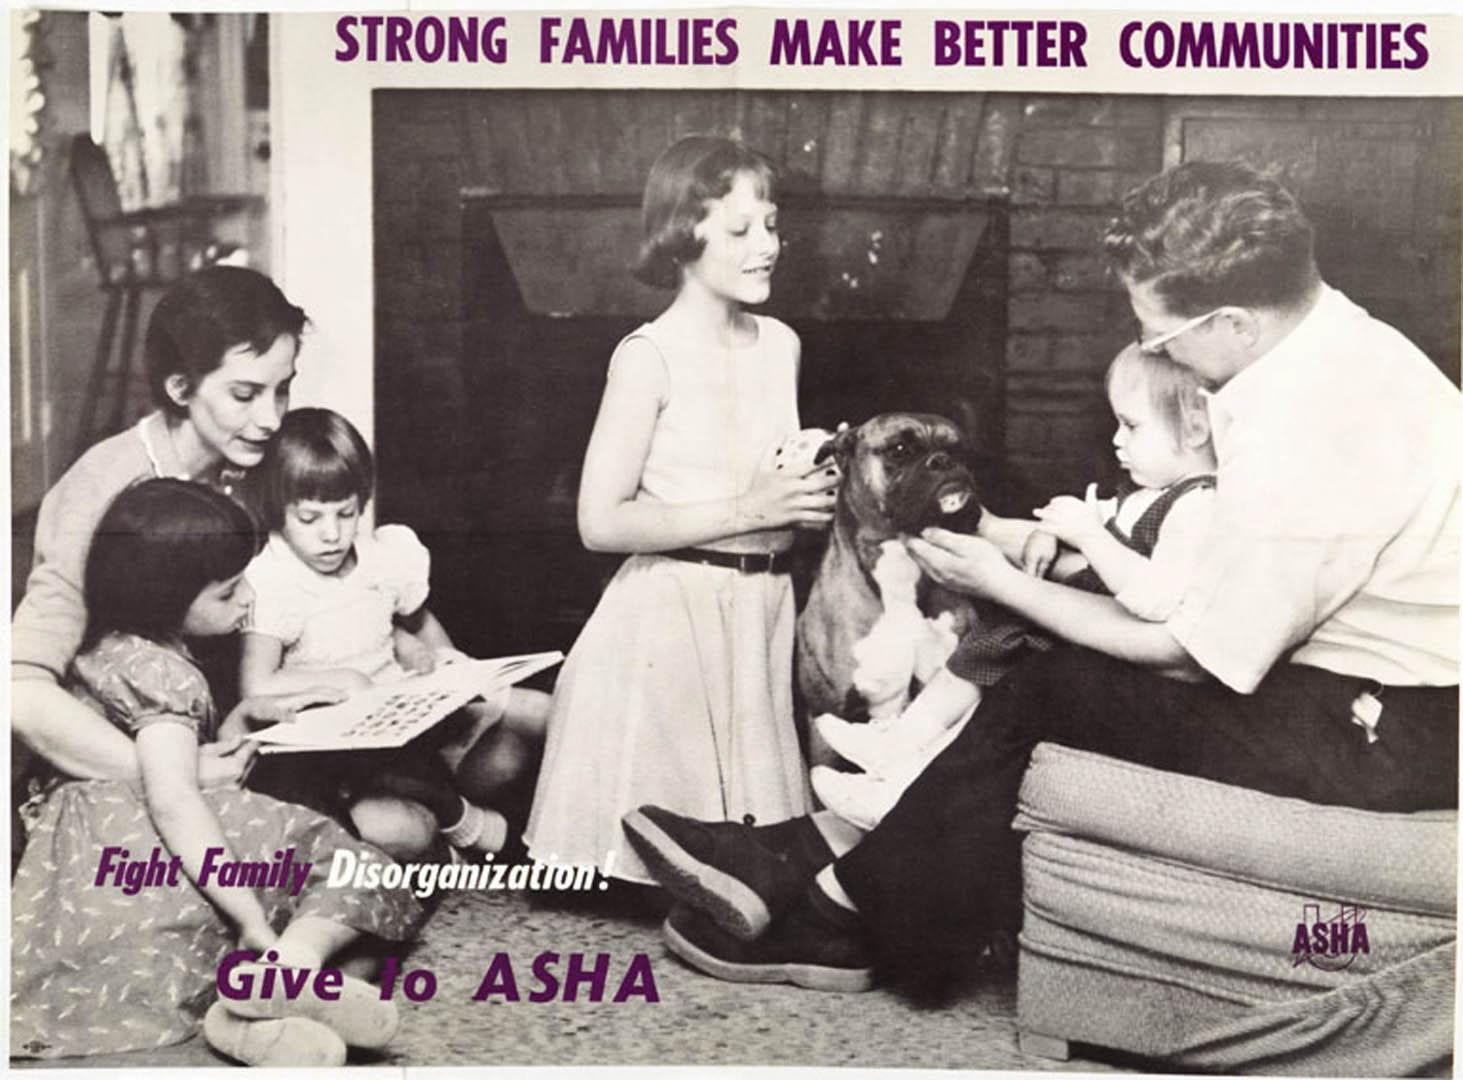 Strong Families Make Better Communities